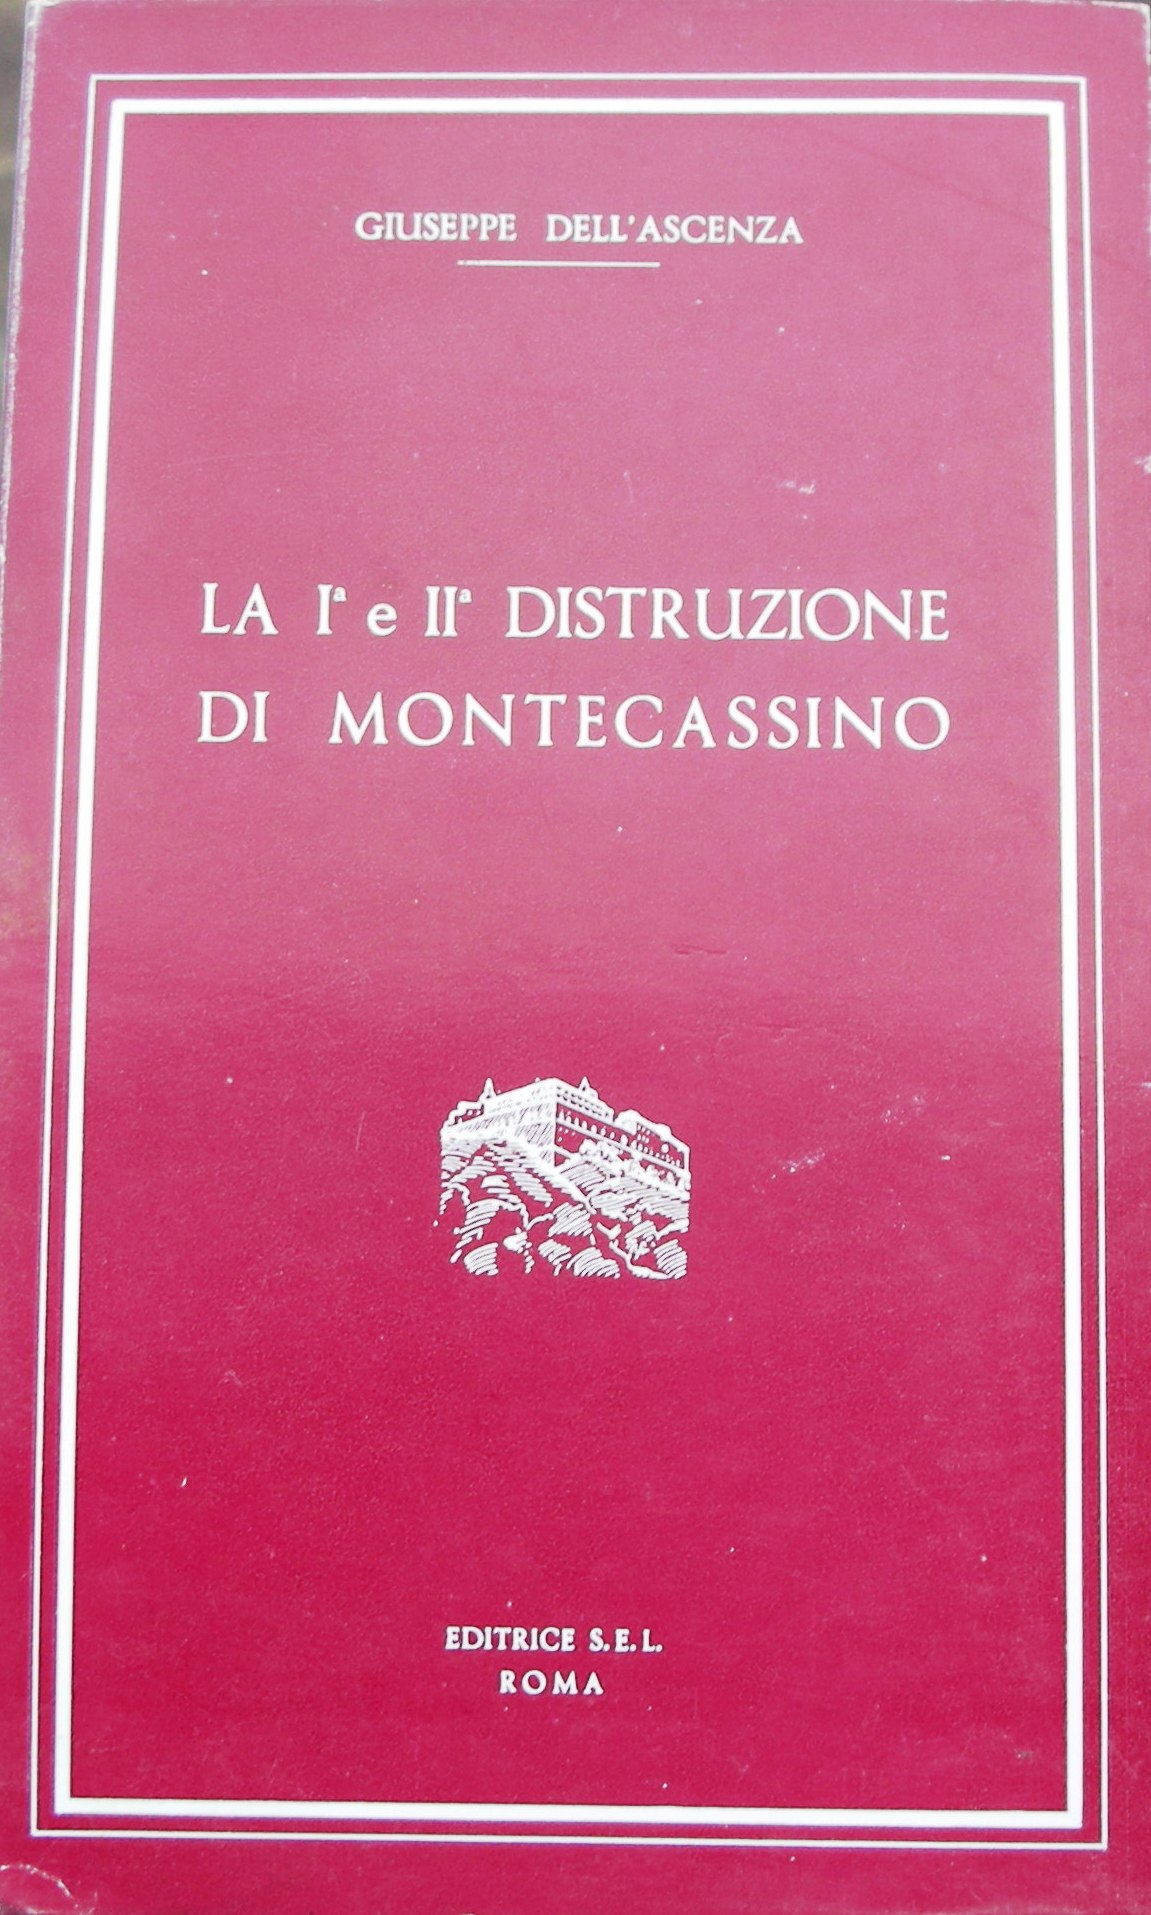 La I e II distruzione di Montecassino